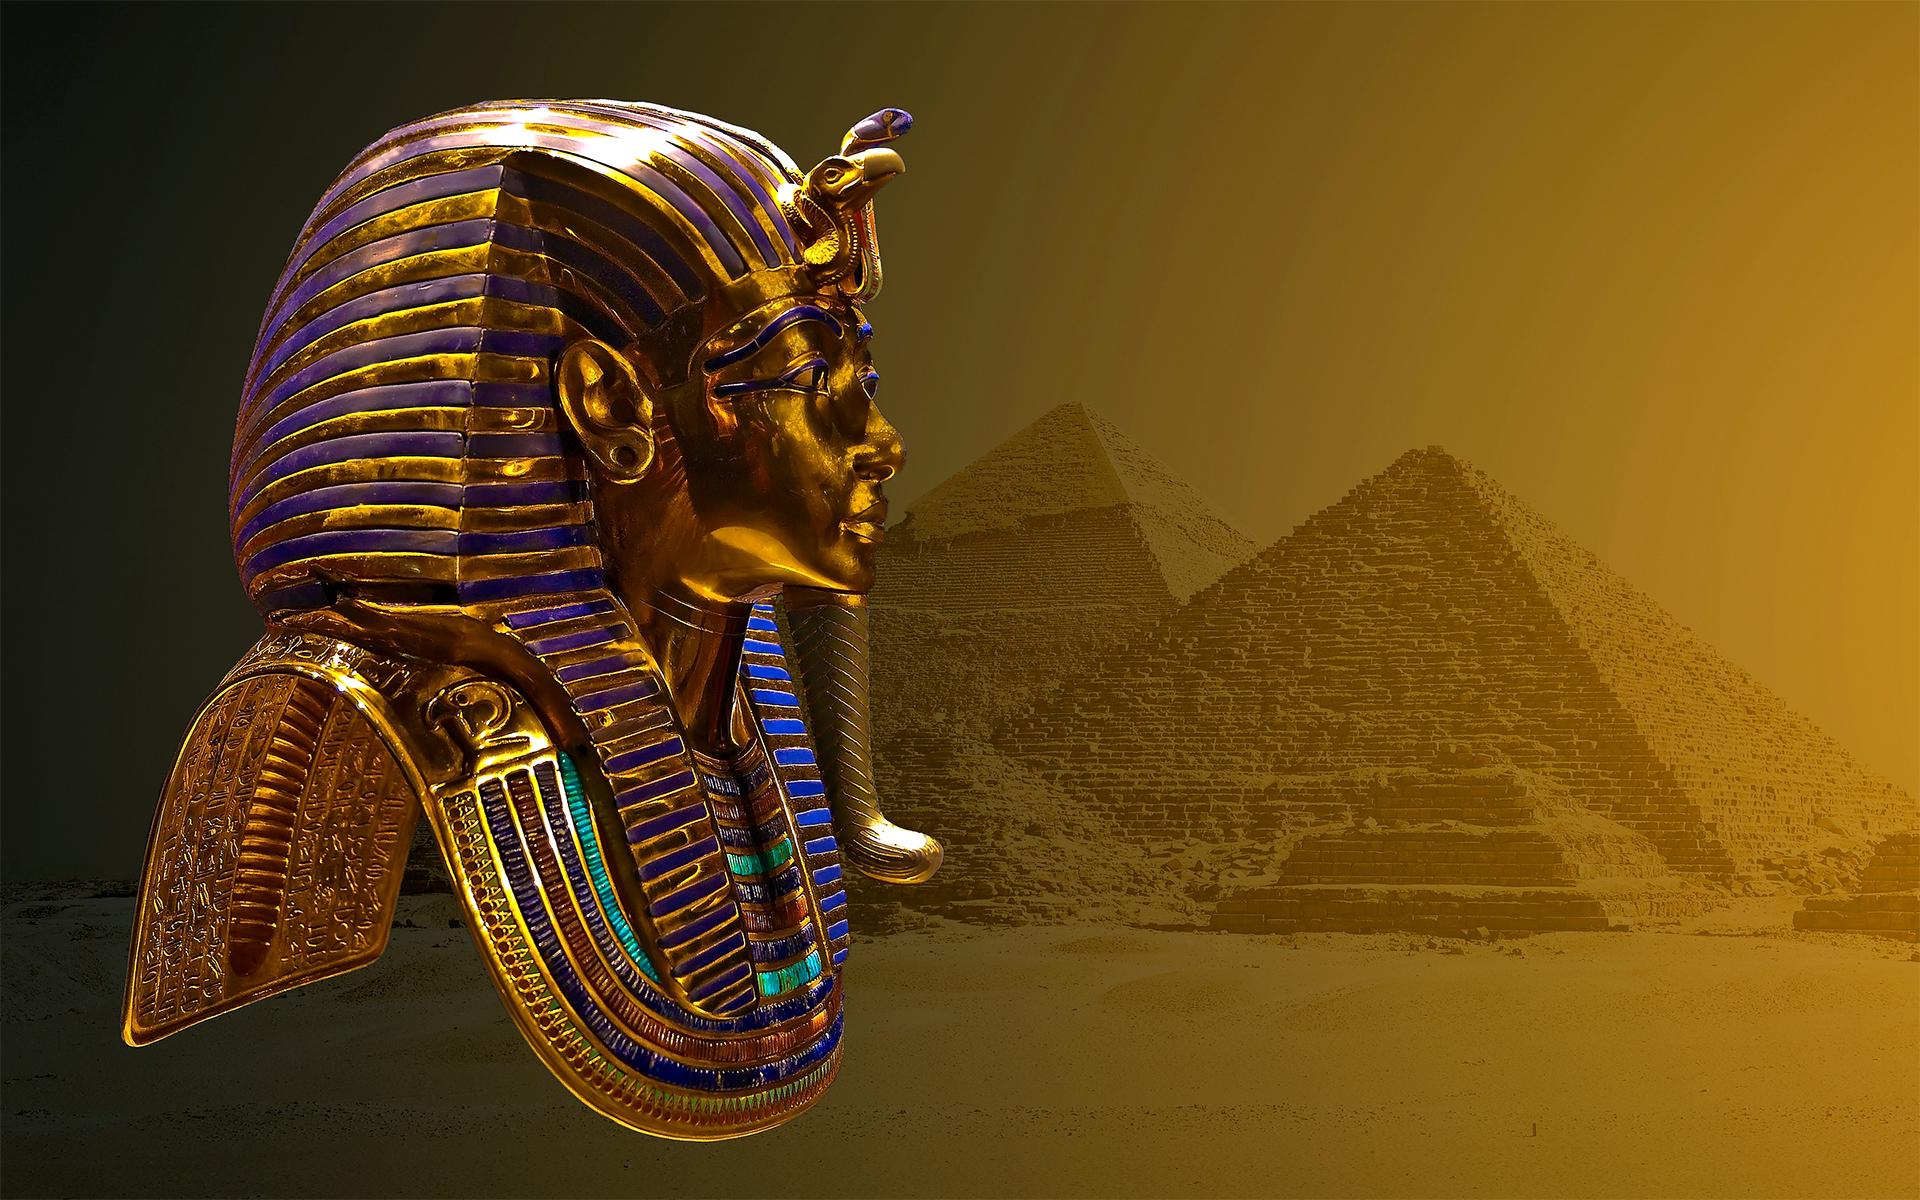 Das Gold Der Pharaonen Wallpaper 1920x1200 Widescreen